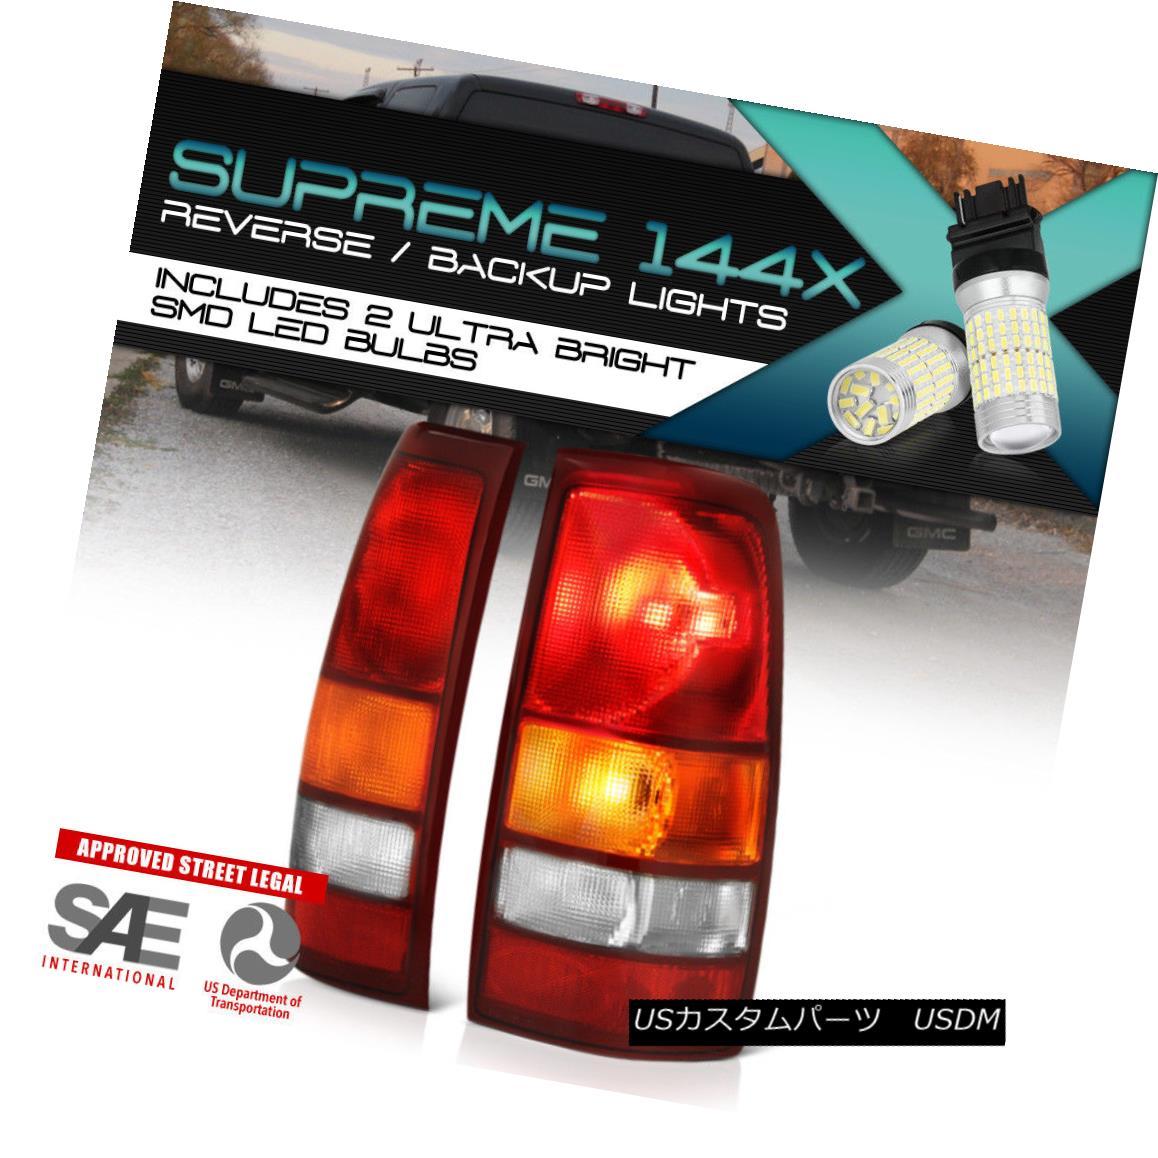 テールライト {360 Degree SMD Backup} 1999-2002 Chevrolet Silverado